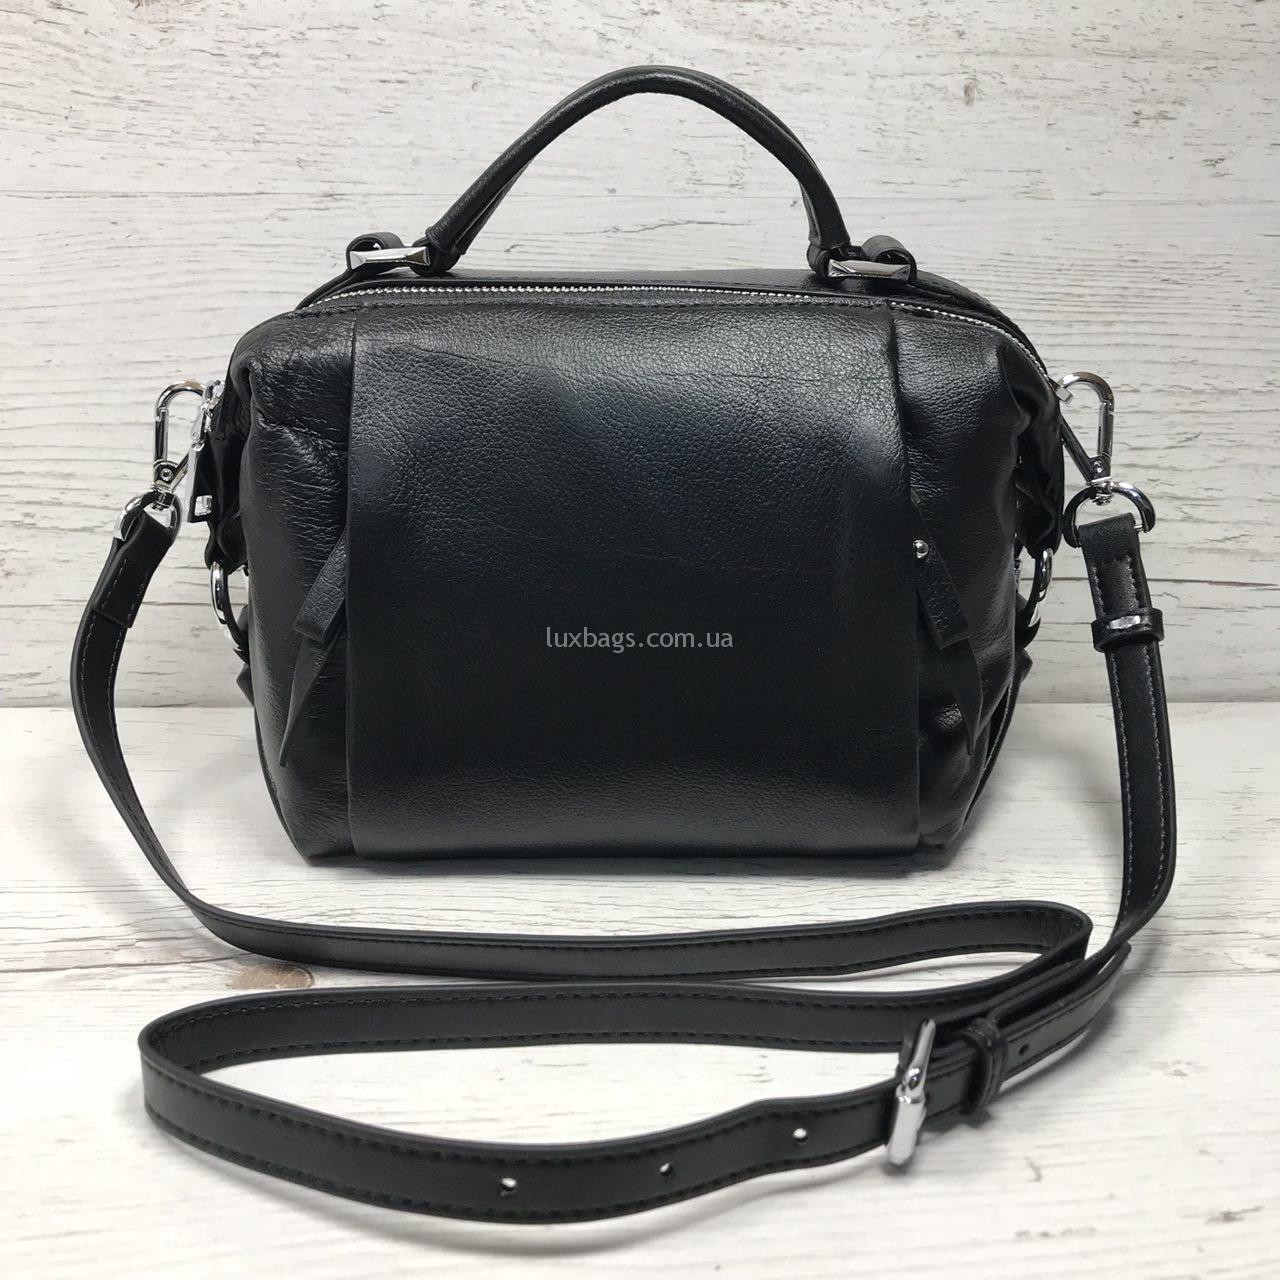 f2e78ce60c9b Купить сумку из натуральной кожи | Женские Кожаные Сумки